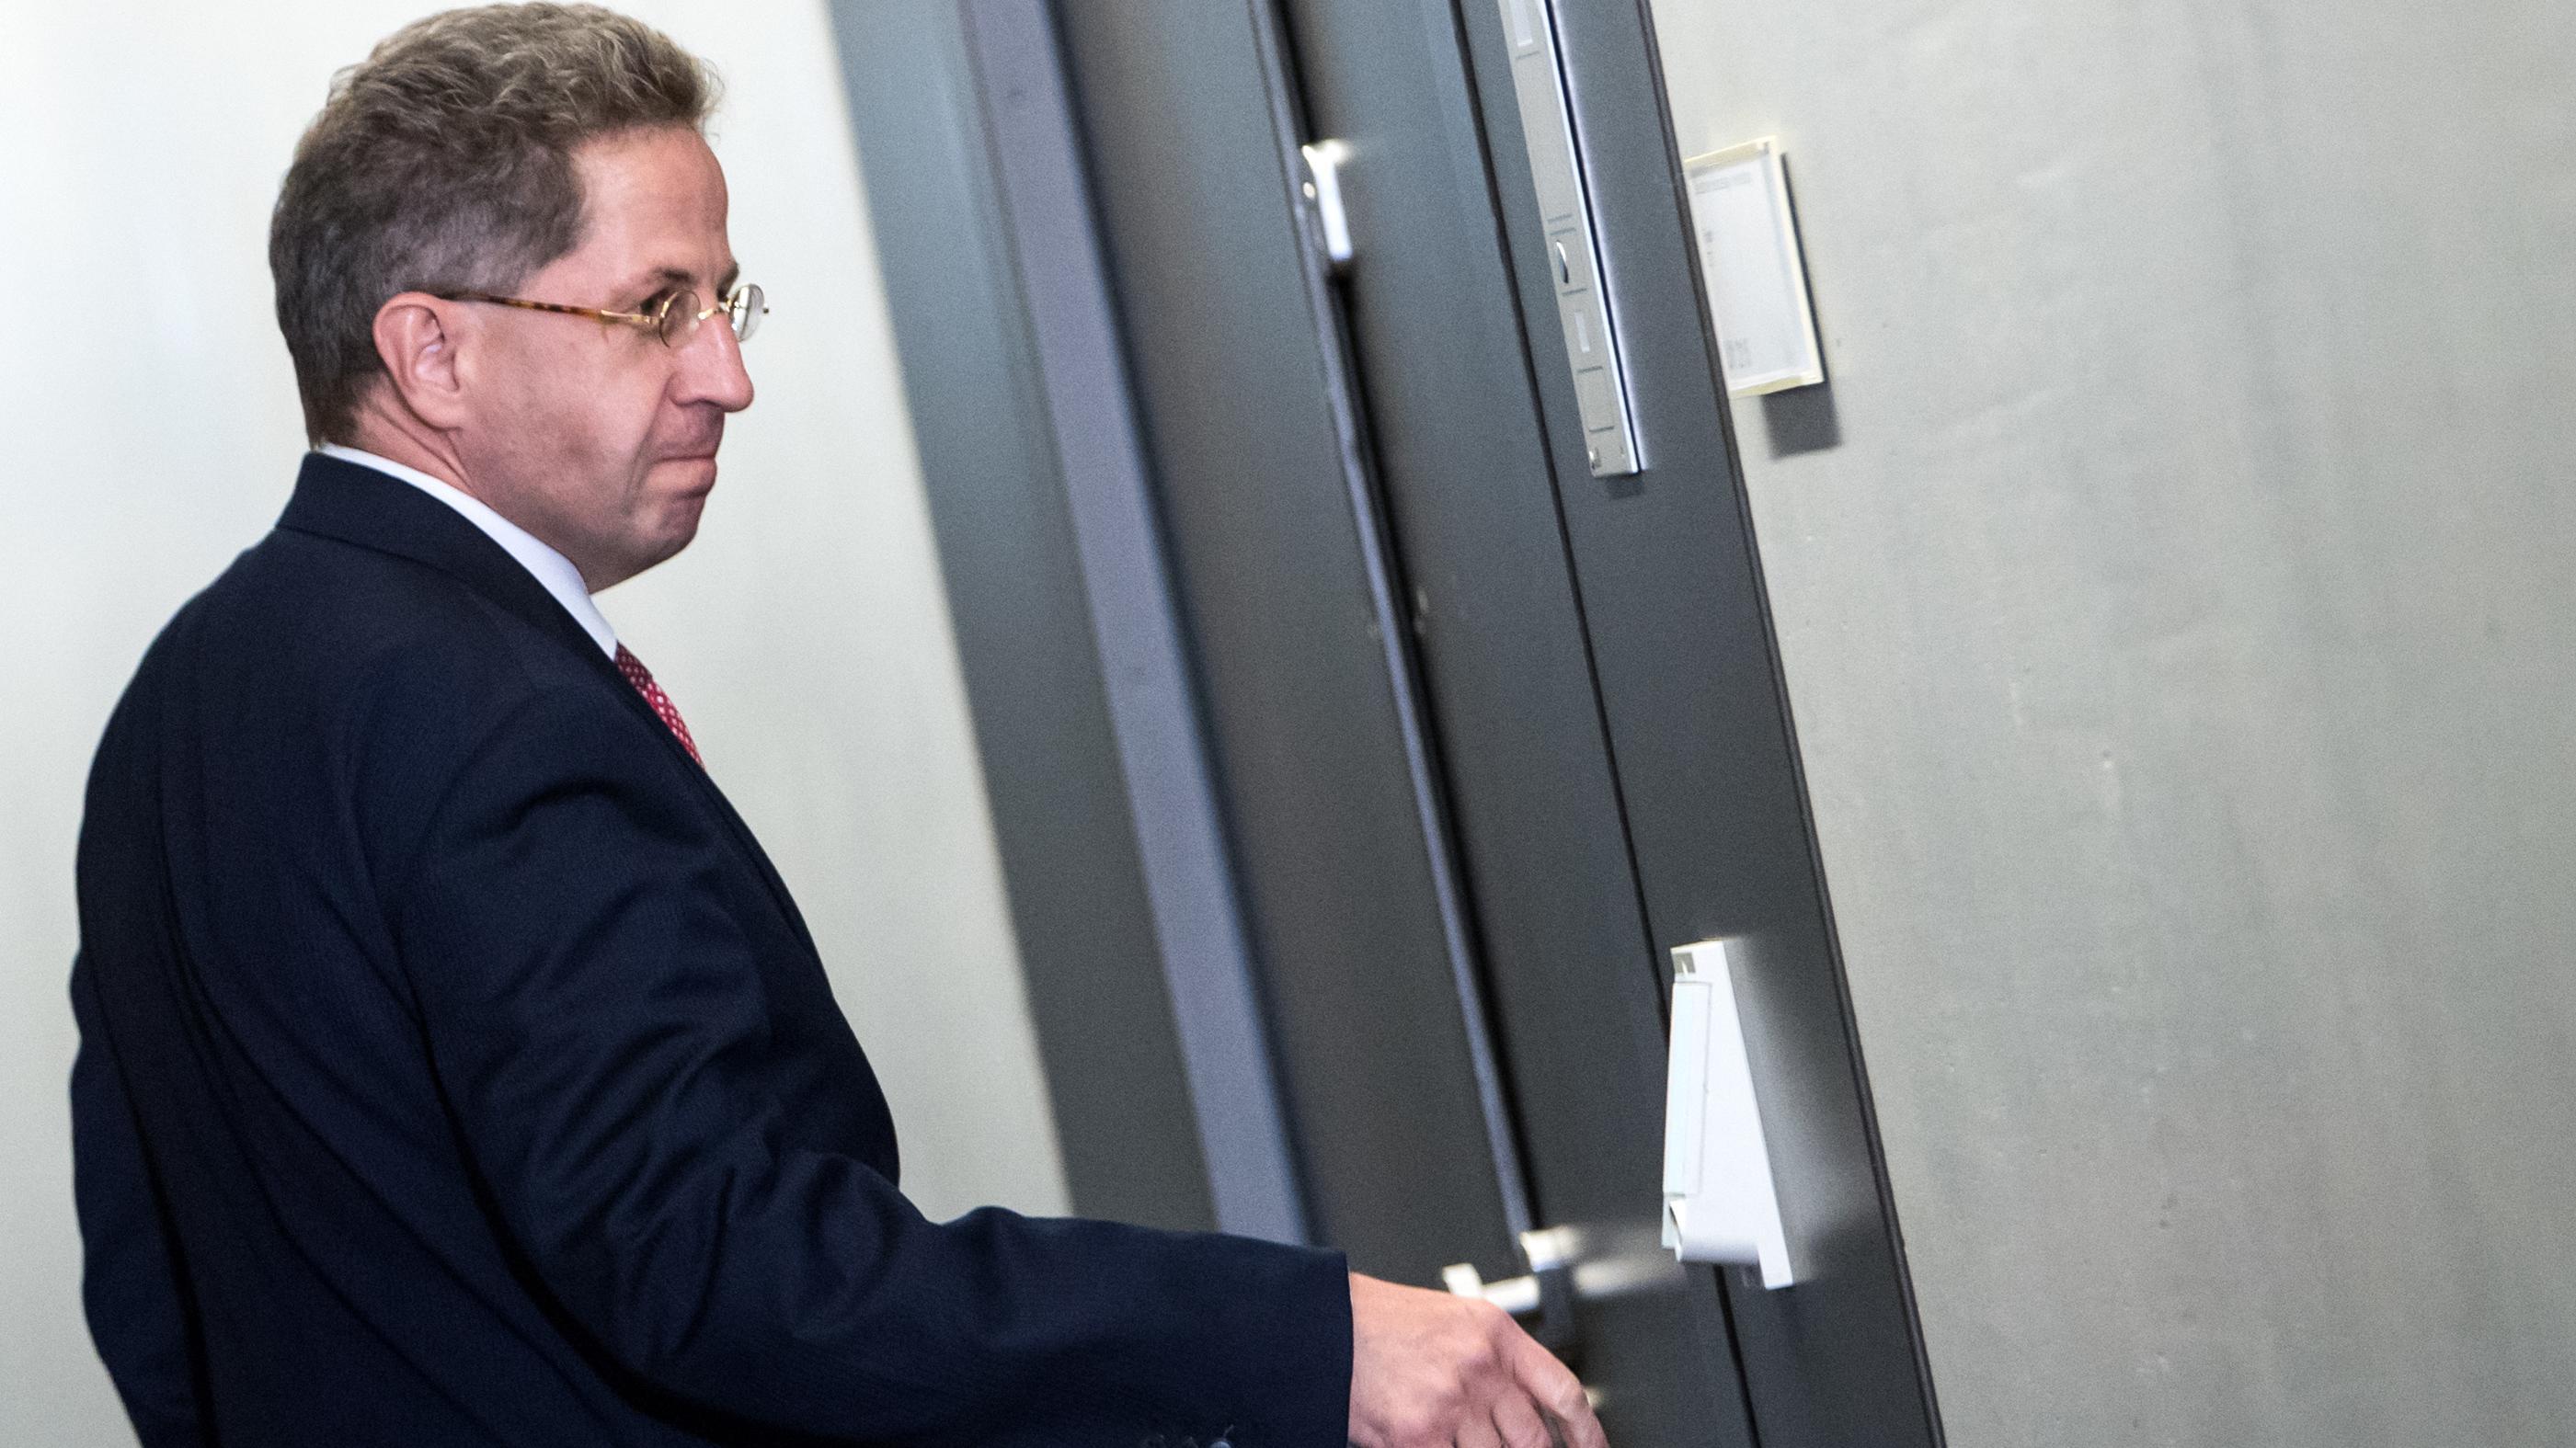 Hans-Georg Maaßen, ehemaliger Präsident des Bundesamts für Verfassungsschutz (BfV), auf dem Weg zum Parlamentarischen Kontrollgremium für die Geheimdienste.